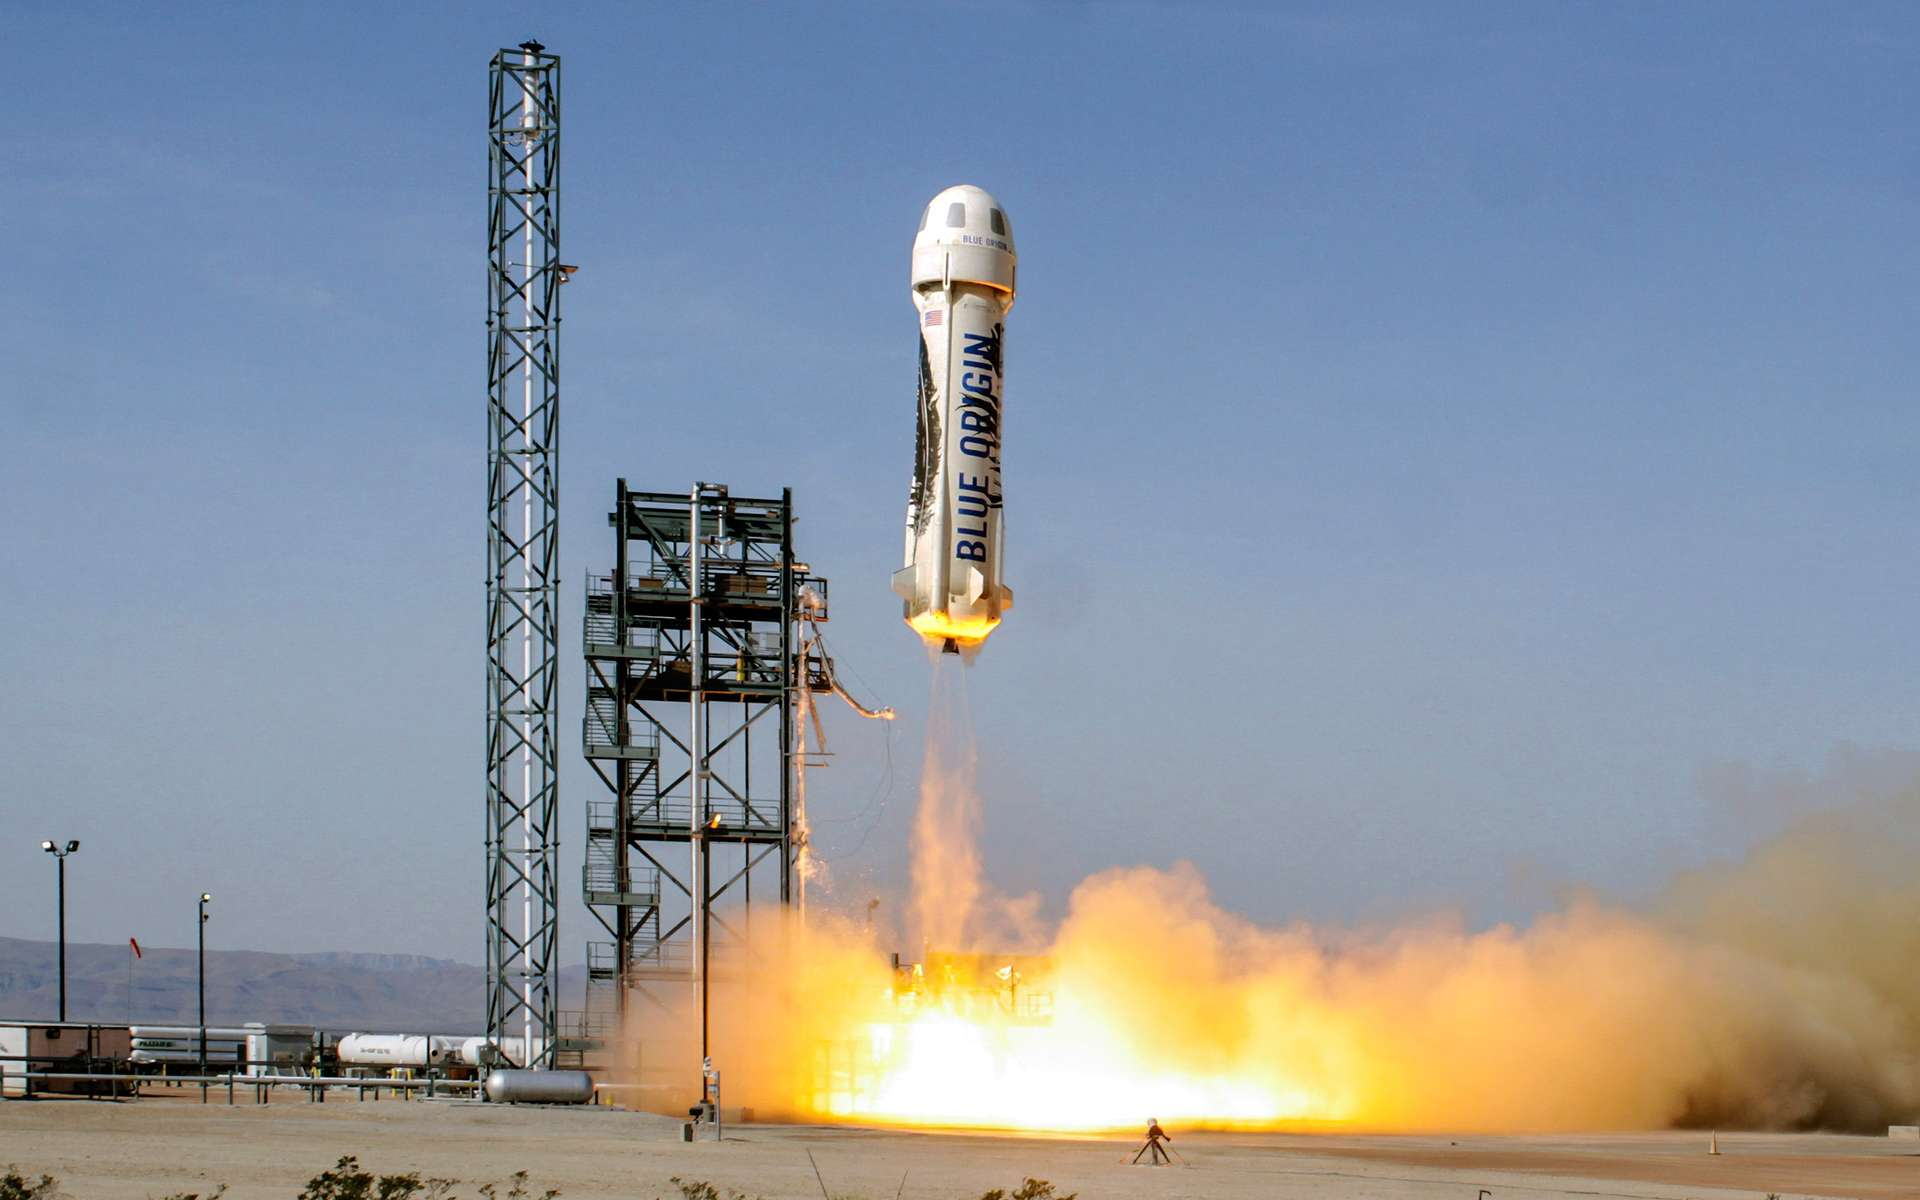 Le lanceur suborbital New Shepard de Blue Origin au décollage. Celui-ci ne doit pas être confondu avec le Falcon 9 de SpaceX, qui va beaucoup plus haut et qui est capable de transporter des charges de plusieurs tonnes. Ces lanceurs bousculent tous les deux le secteur spatial mais ils ne volent pas dans la même catégorie. © Blue Origin